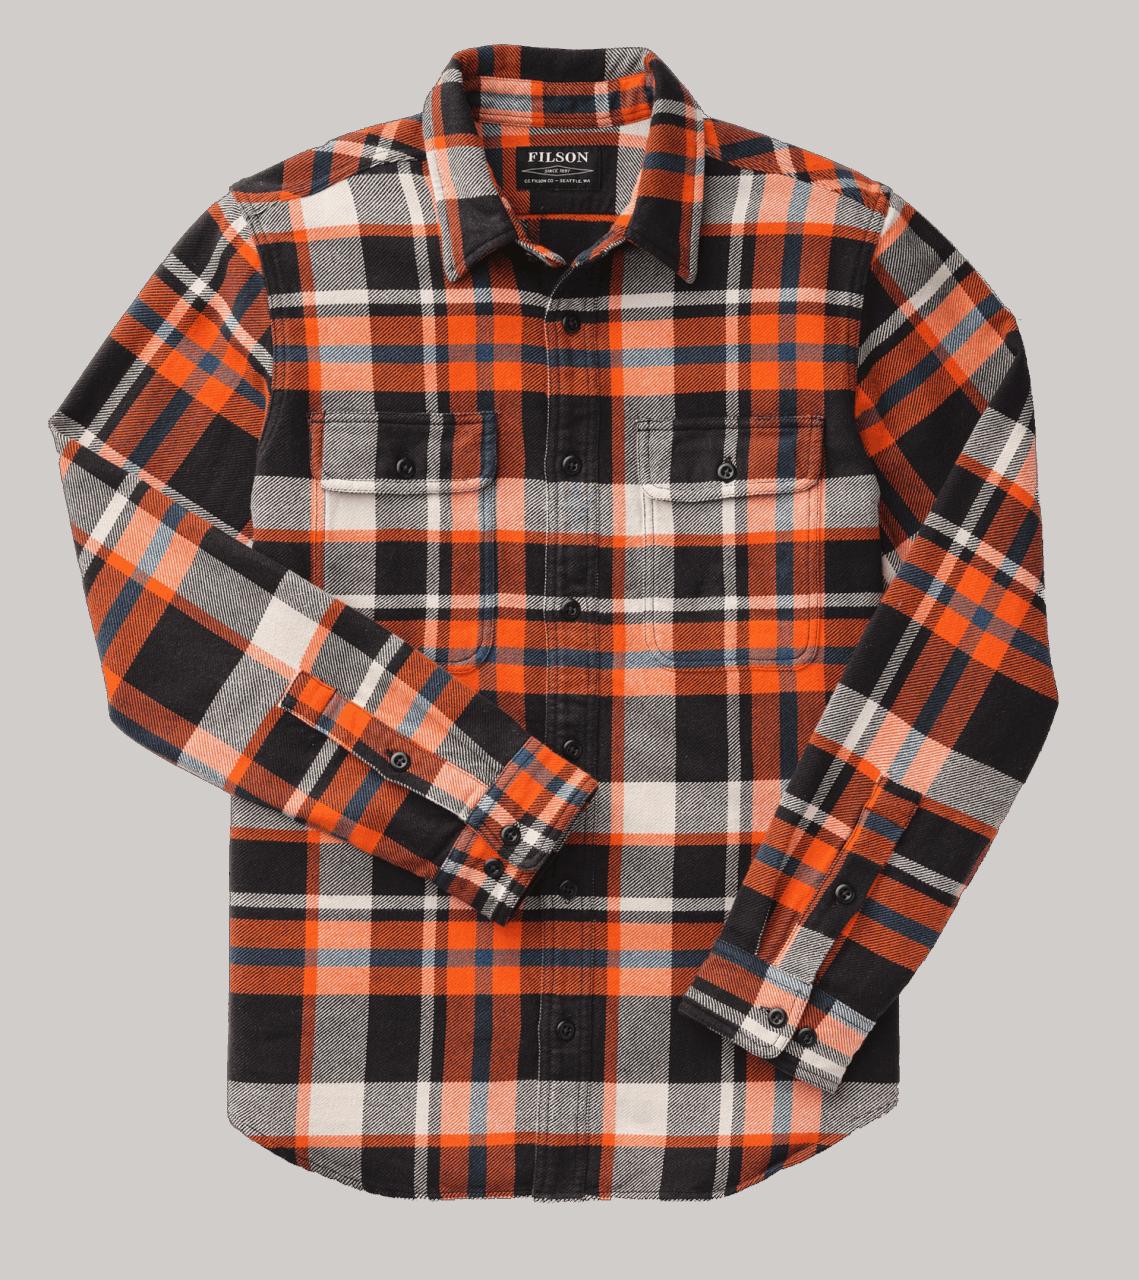 Filson Vintage Flannel Work Shirt - flame/black/blue